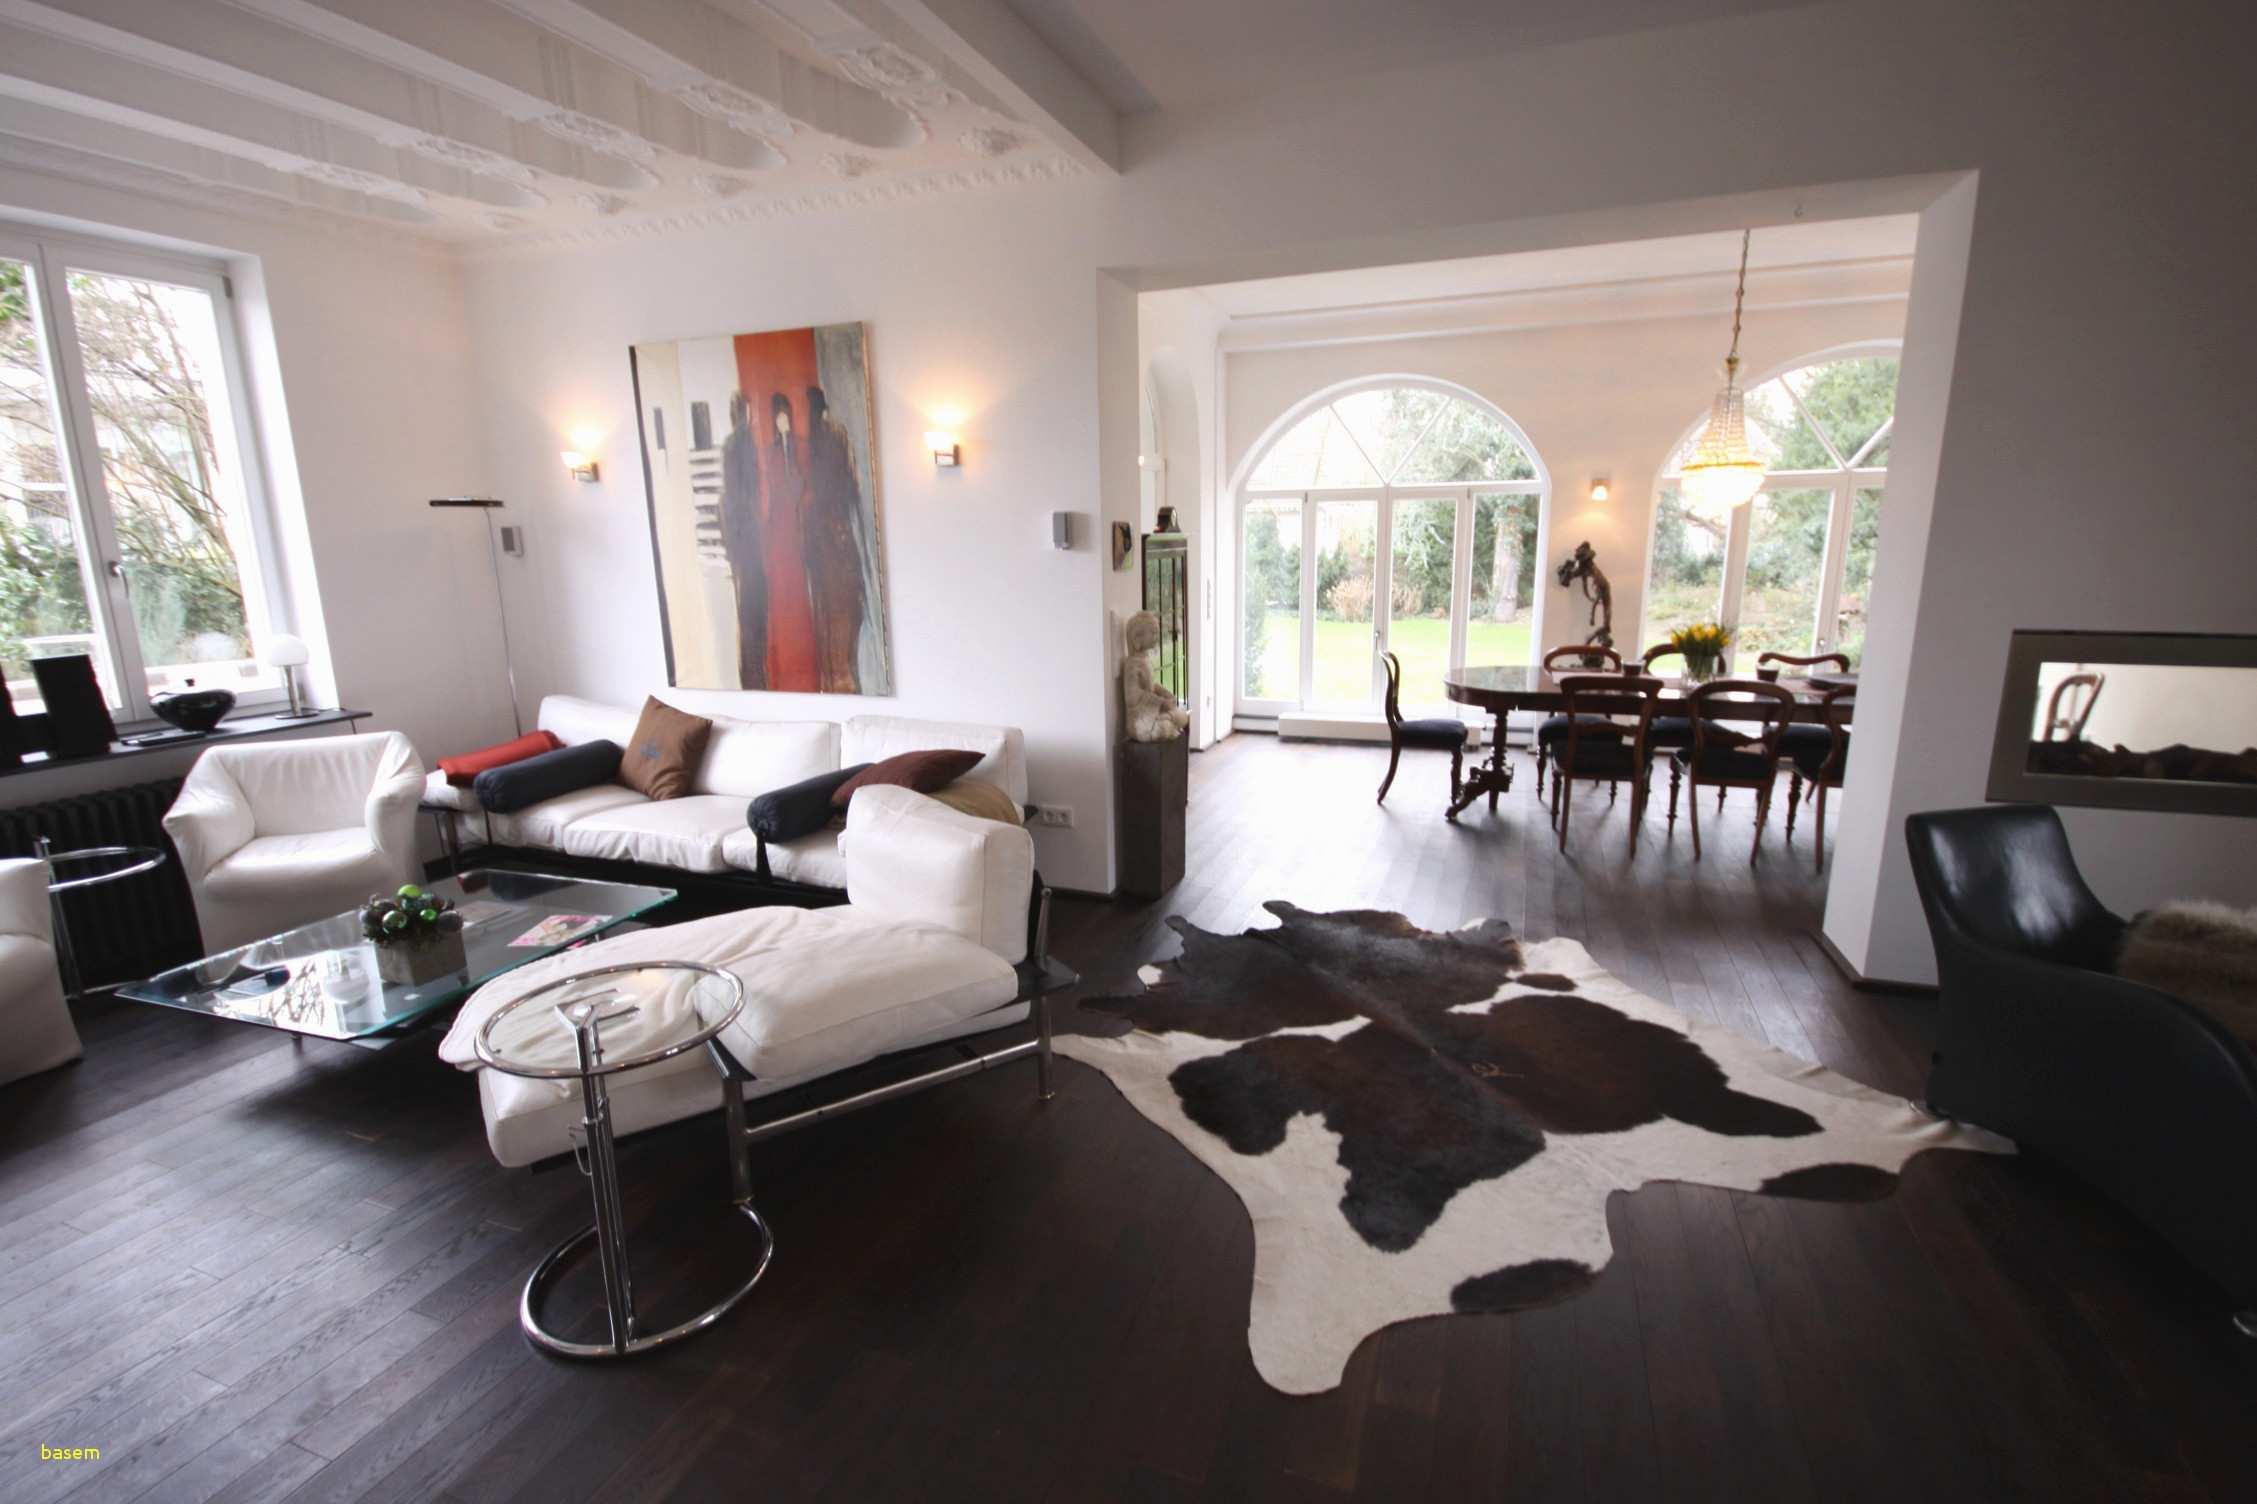 garten dekoration deko garten edelstahl ideen garten deko ideen zum ideen von wanddeko wohnzimmer selber machen of wanddeko wohnzimmer selber machen